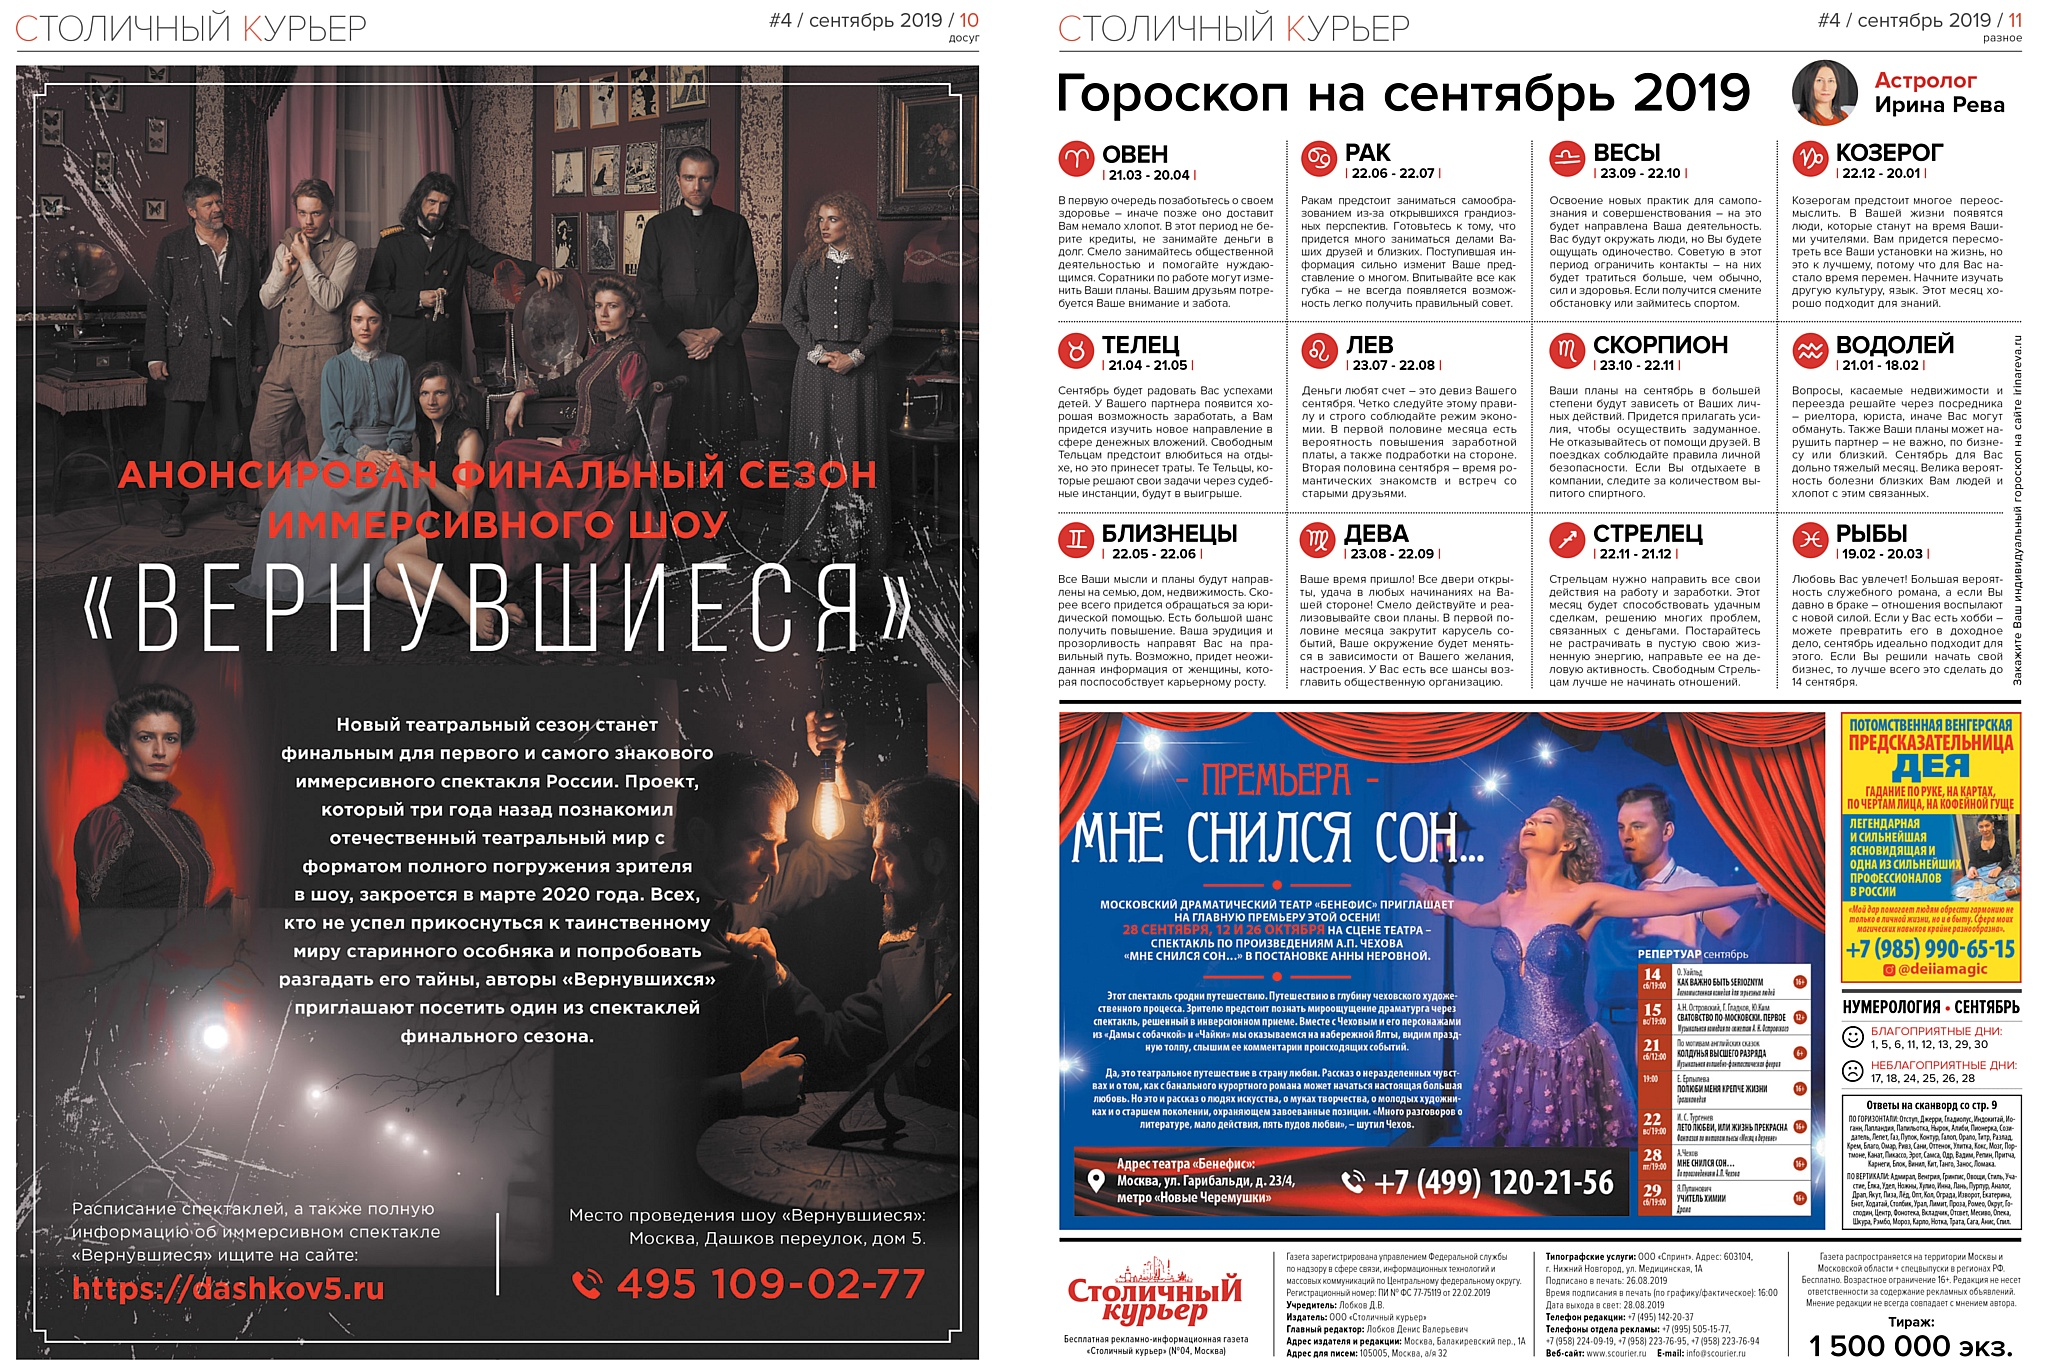 Наташа Королева стала лицом обложки нового номера газеты «Столичный курьер»